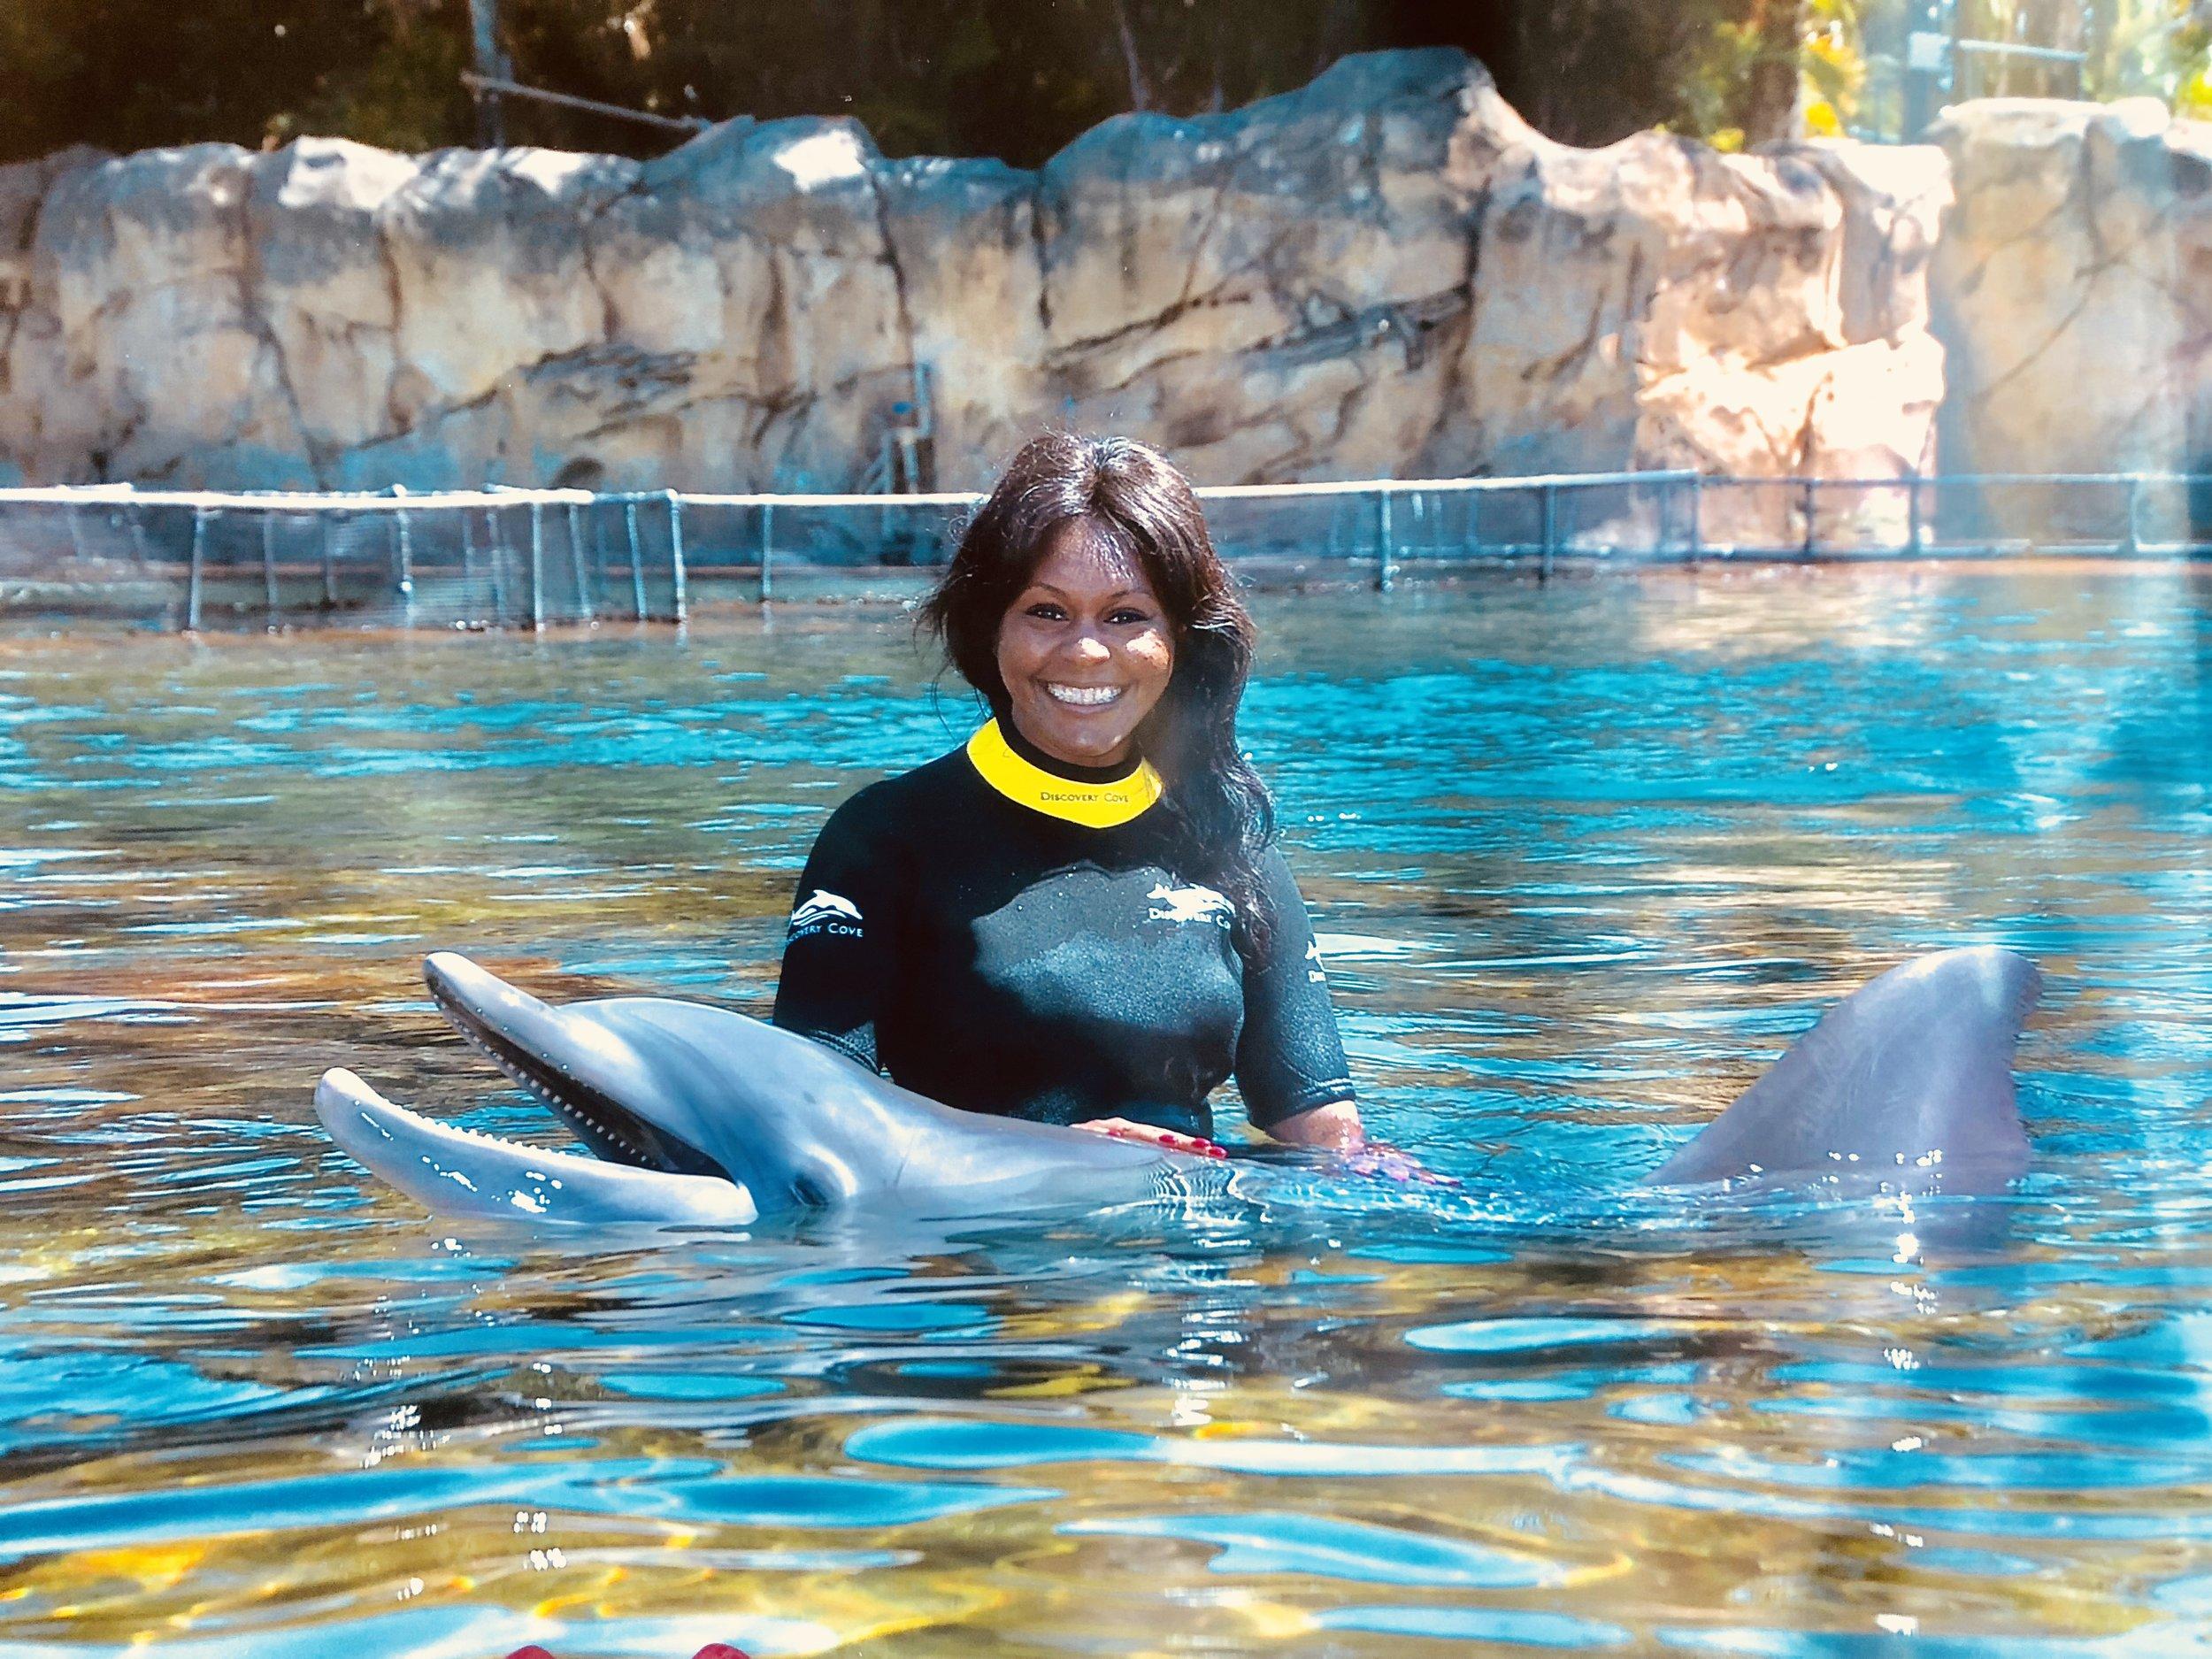 Asona & dolphin.jpg